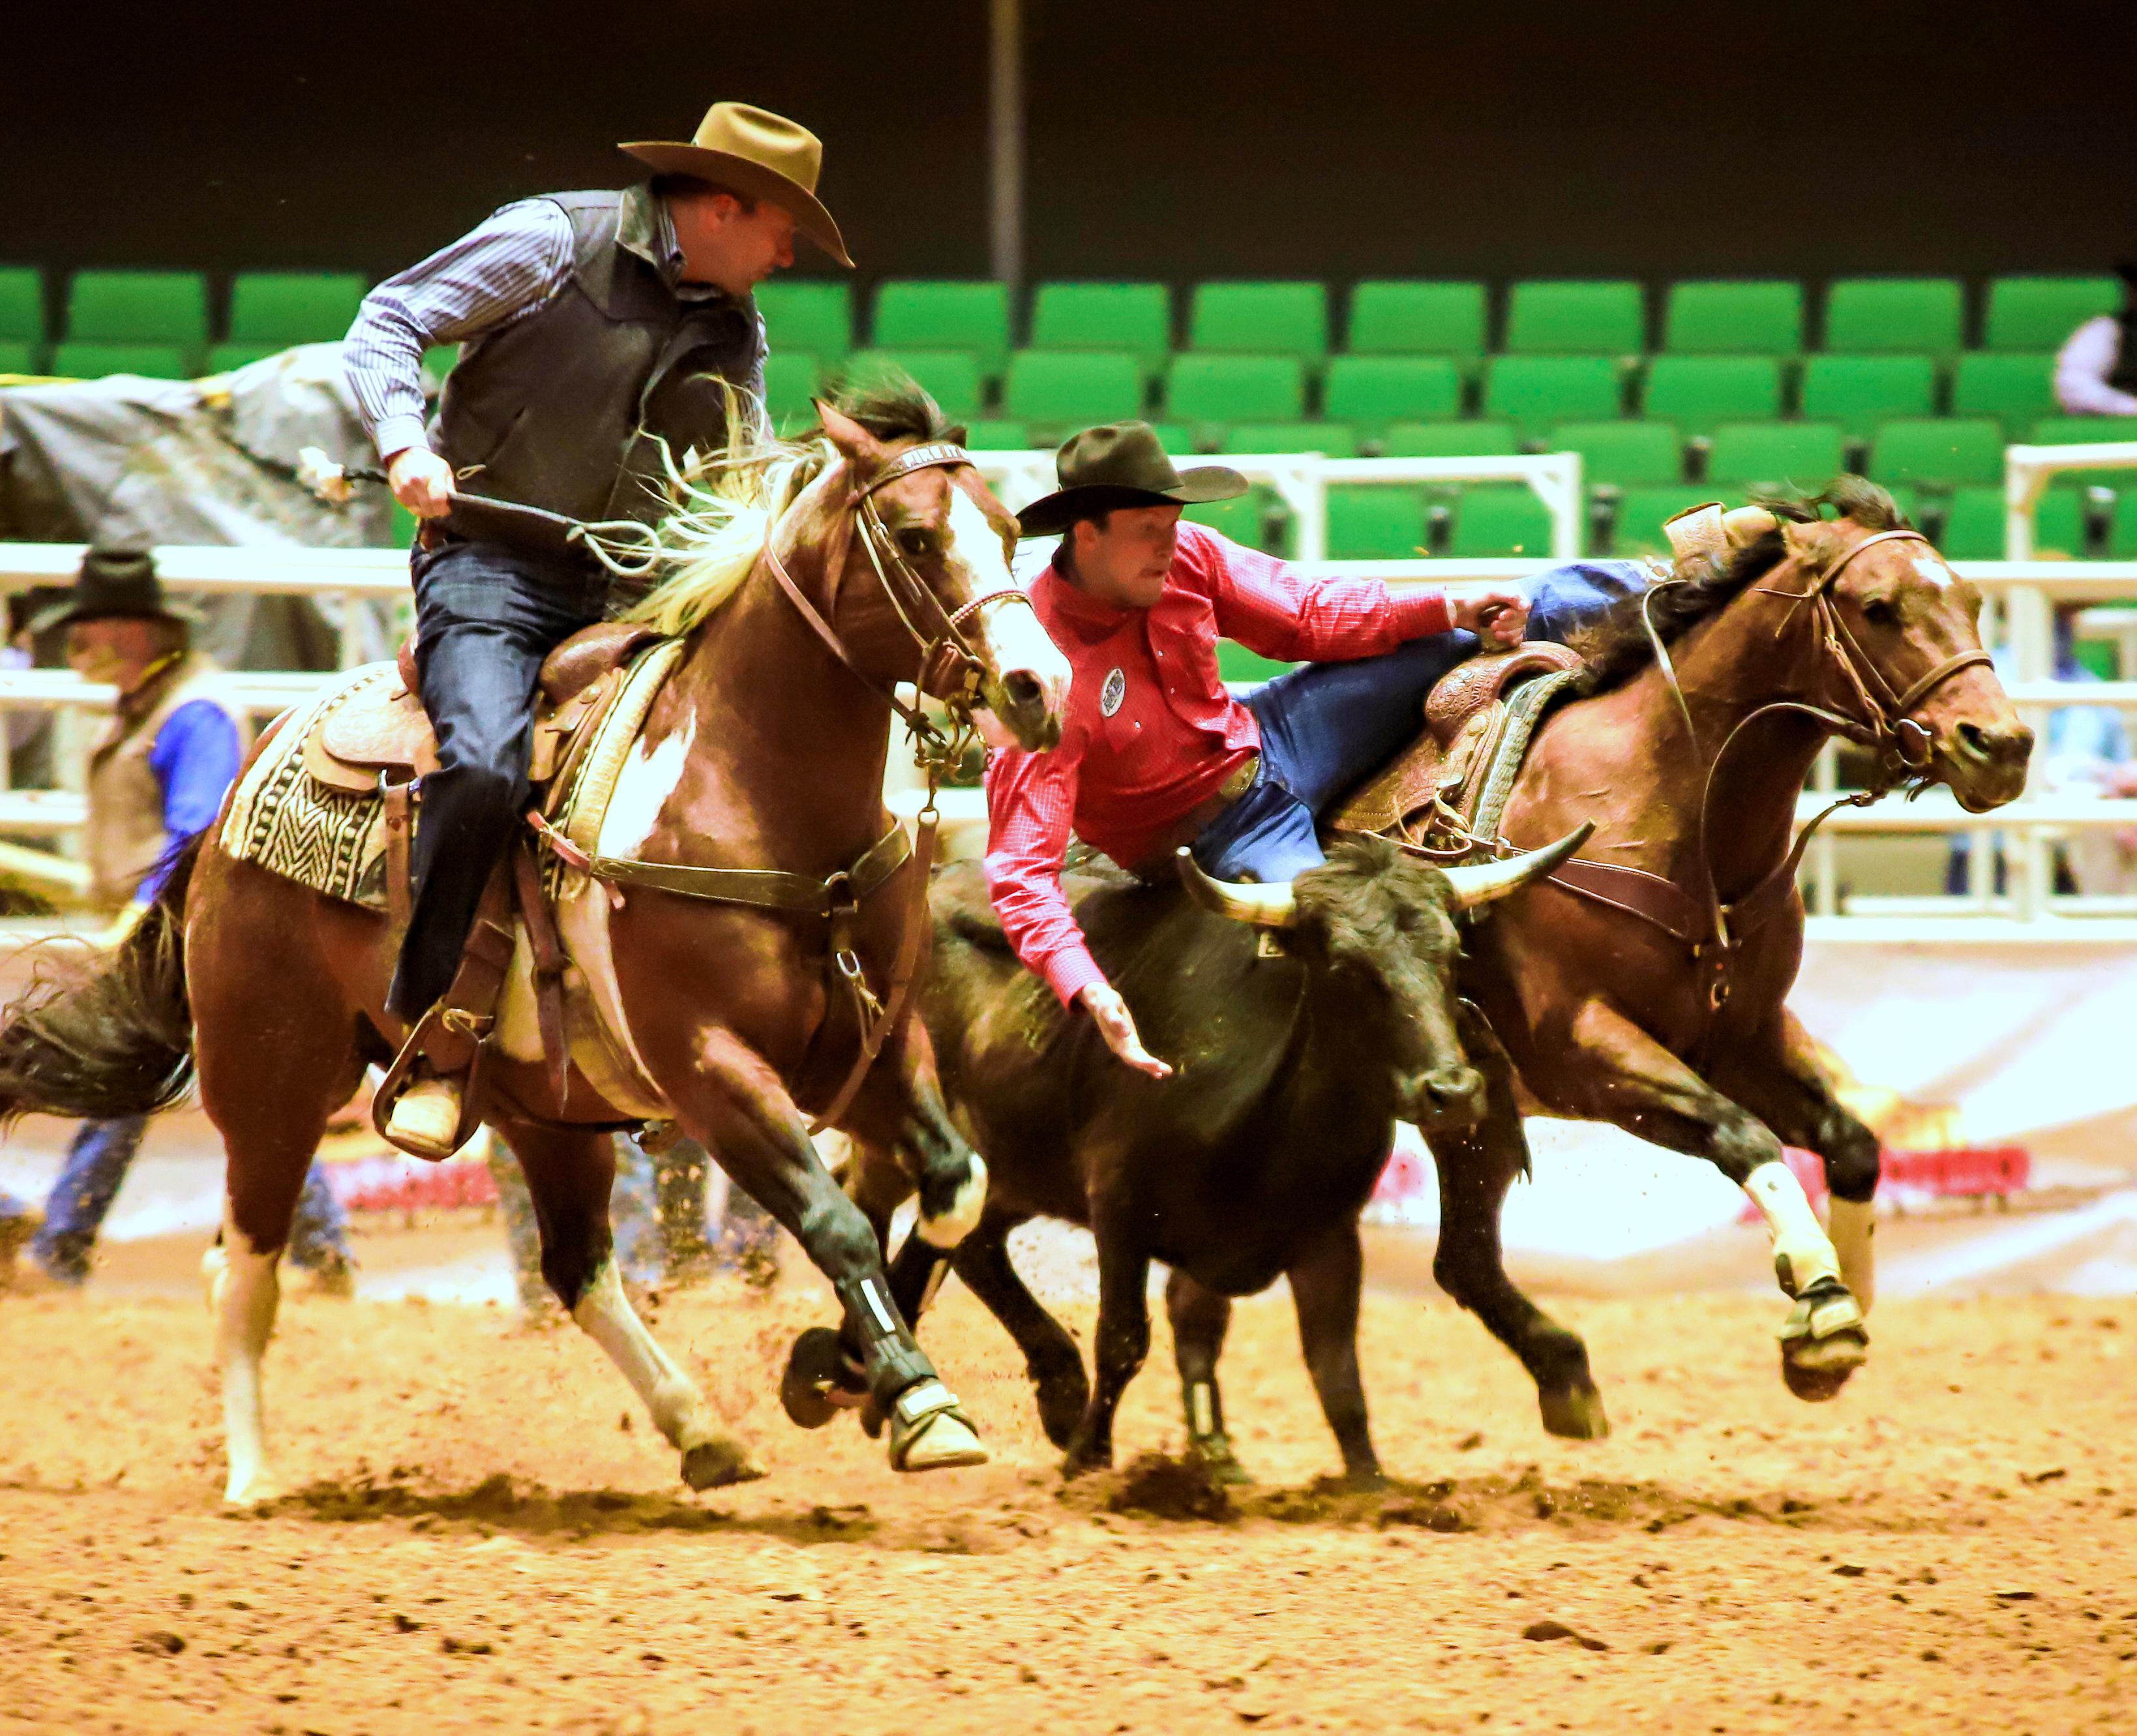 Boyd Hanagriff, Alpha Omega FFA  competing in San Antonio FFA Rodeo